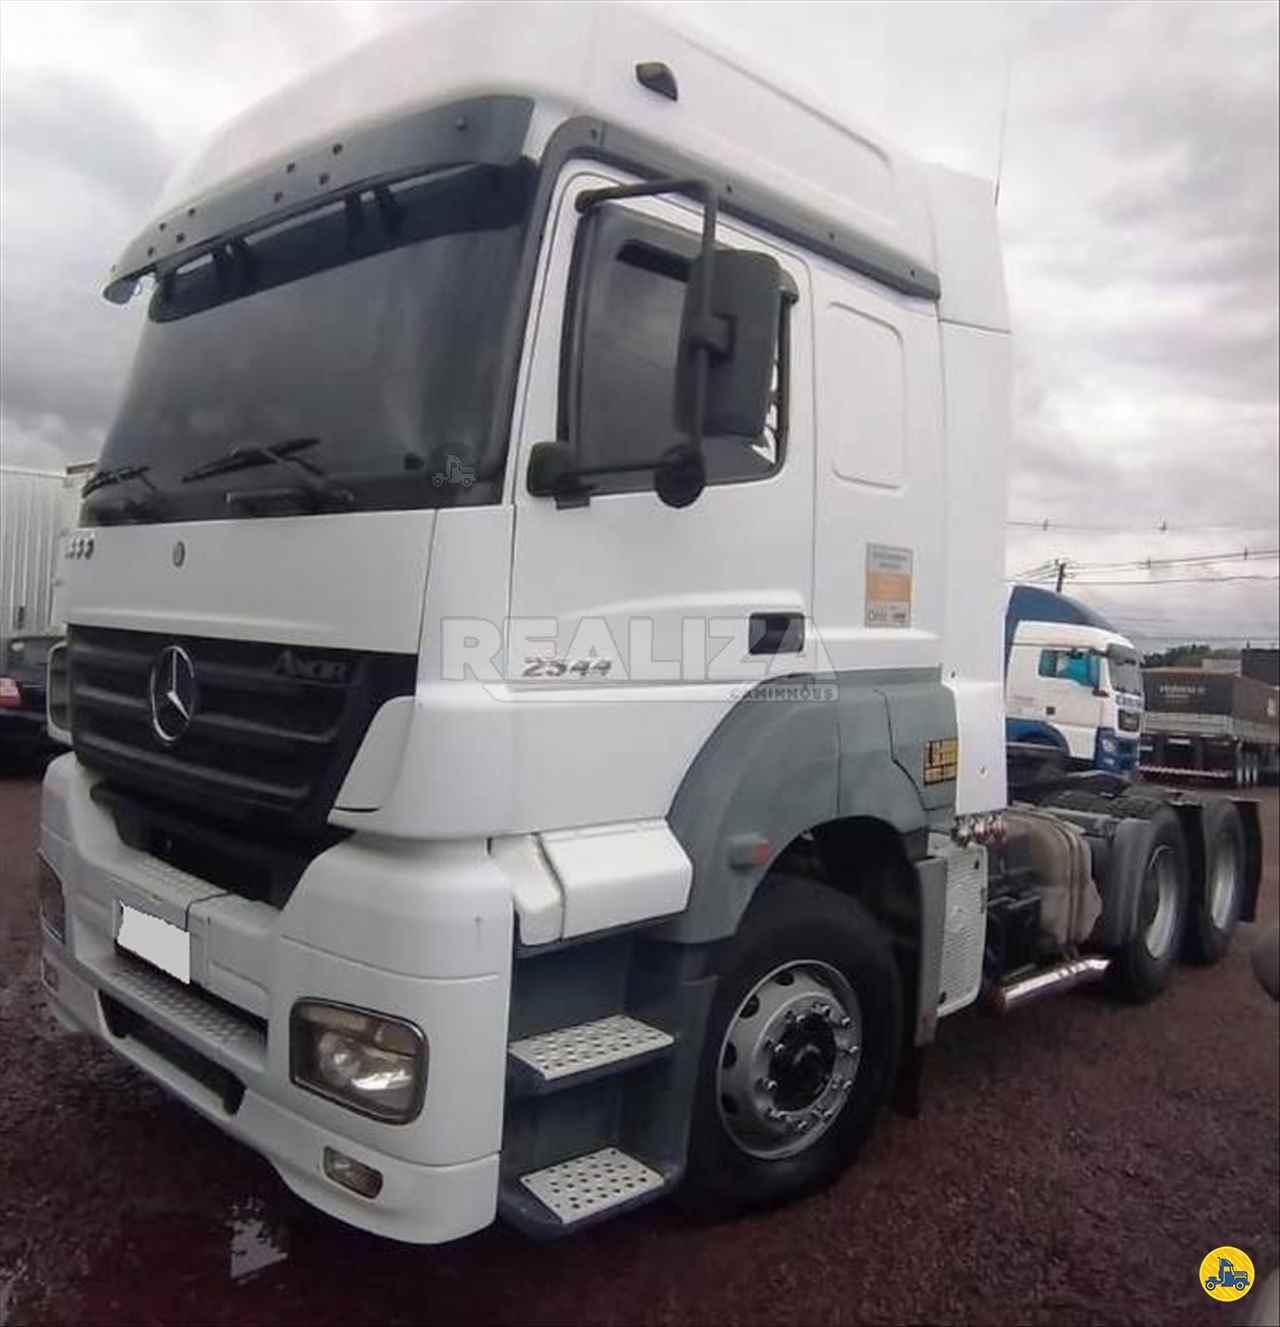 CAMINHAO MERCEDES-BENZ MB 2544 Cavalo Mecânico Truck 6x2 Realiza Caminhões - Umuarama UMUARAMA PARANÁ PR